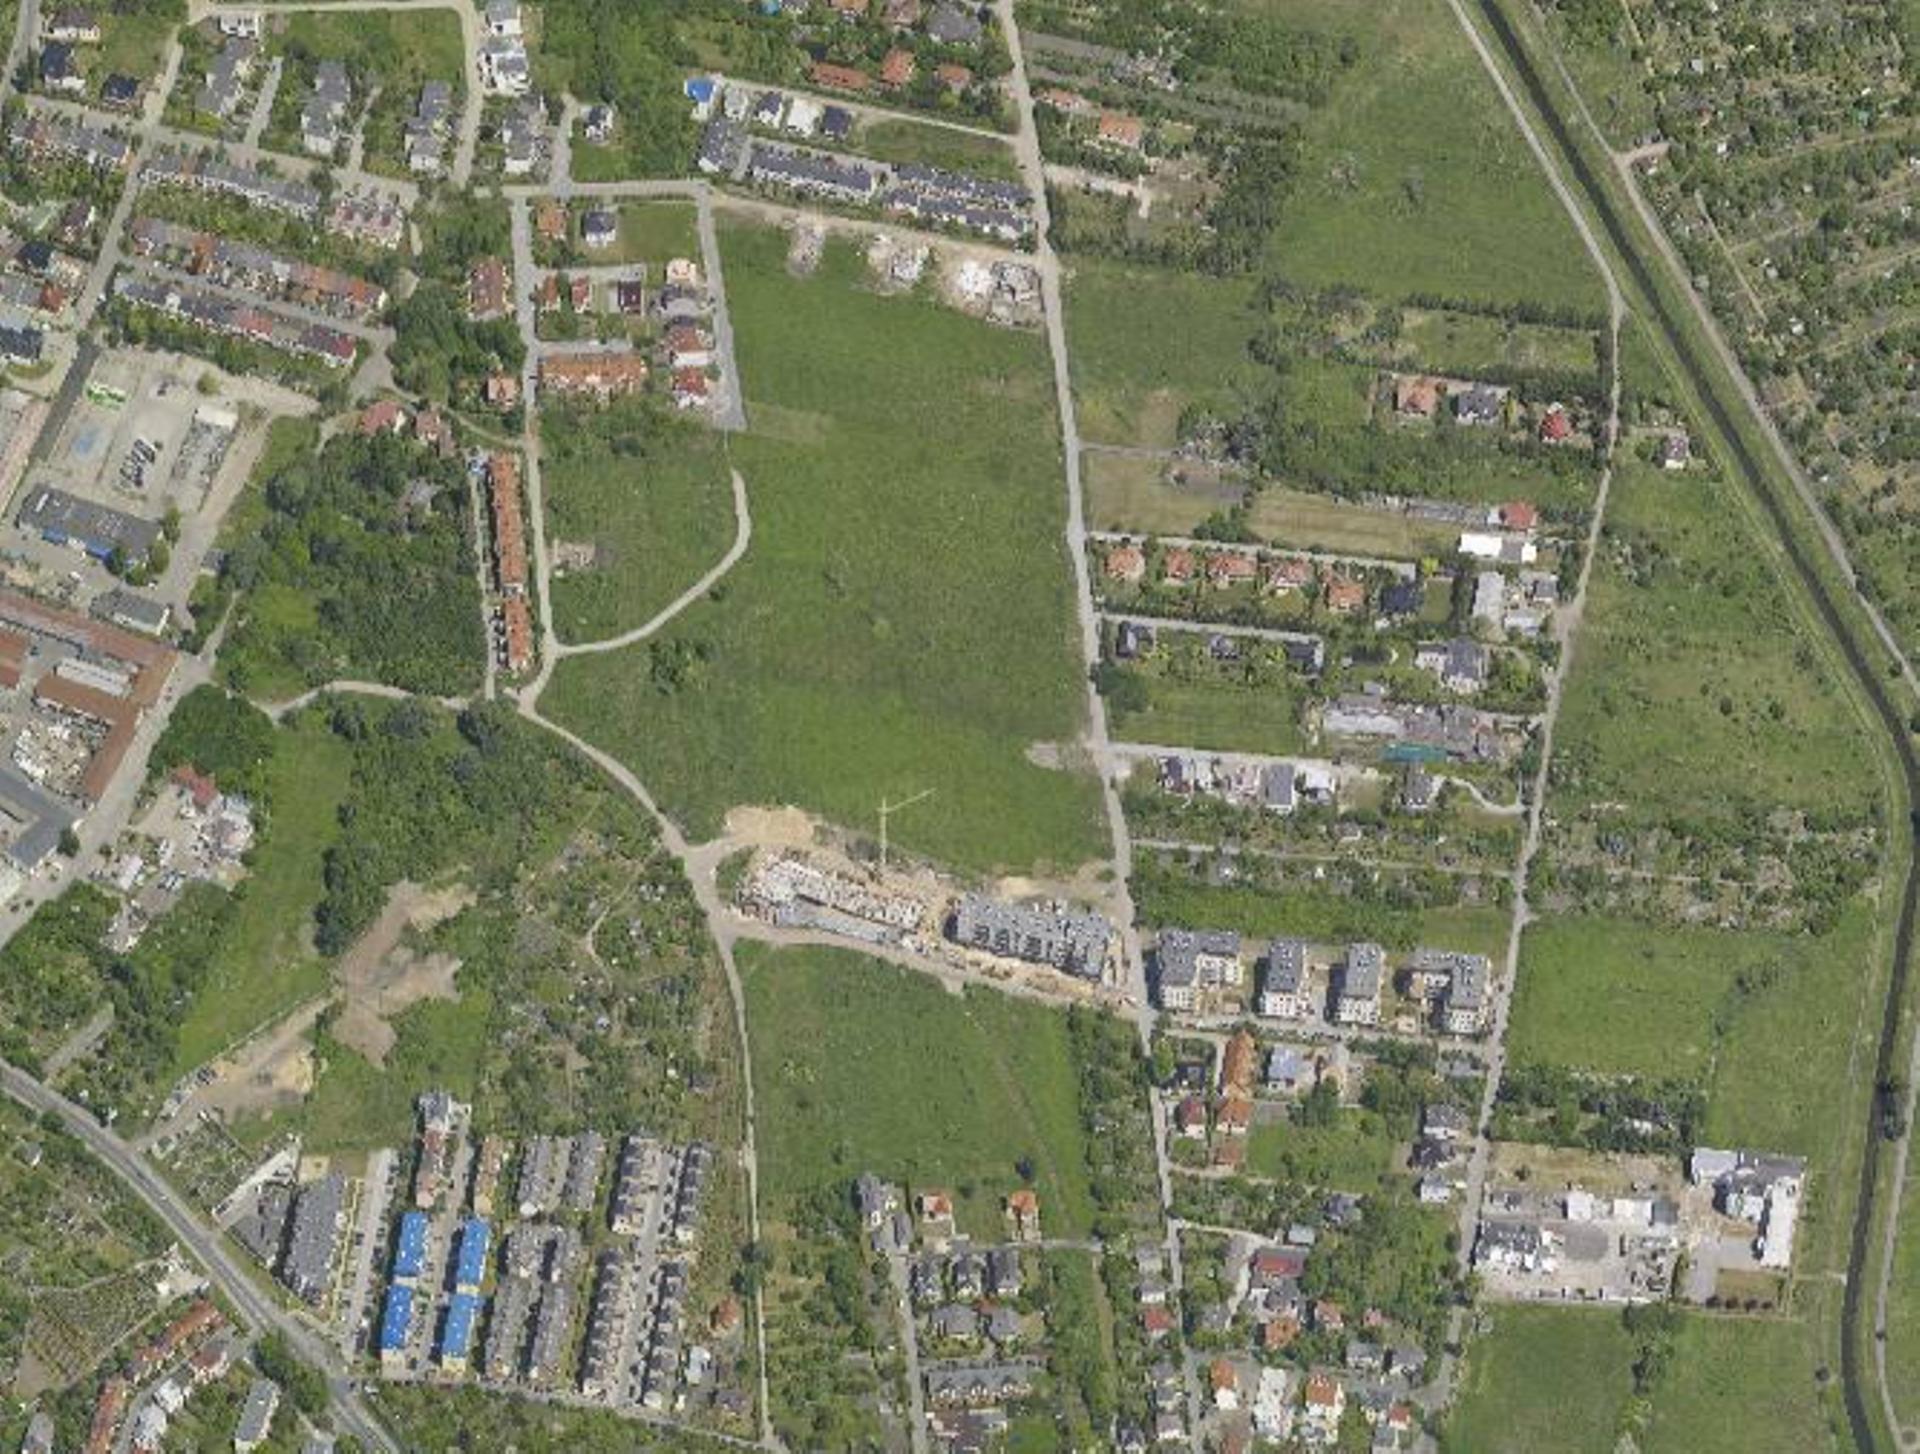 Wrocław: Ruszy przebudowa ulicy Jutrzenki. Miasto oszczędza blisko trzysta tysięcy